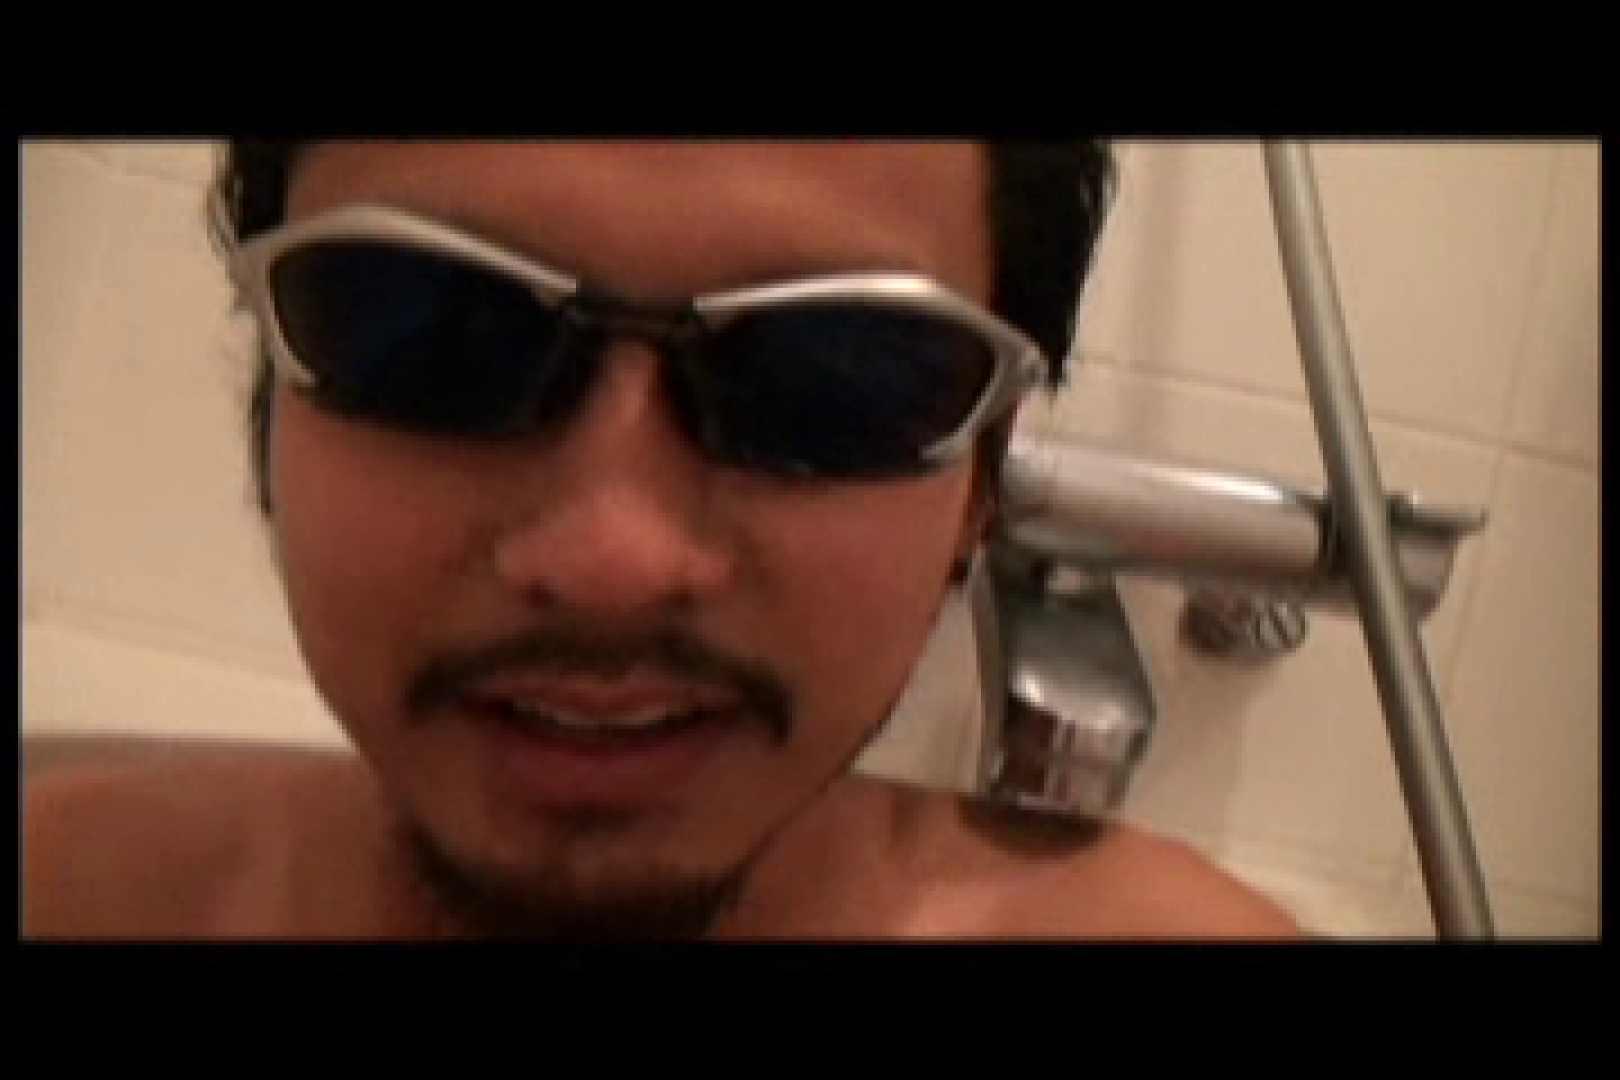 スジ筋ガチムチゴーグルマンvol3 お風呂 | オナニー ゲイAV画像 106pic 45